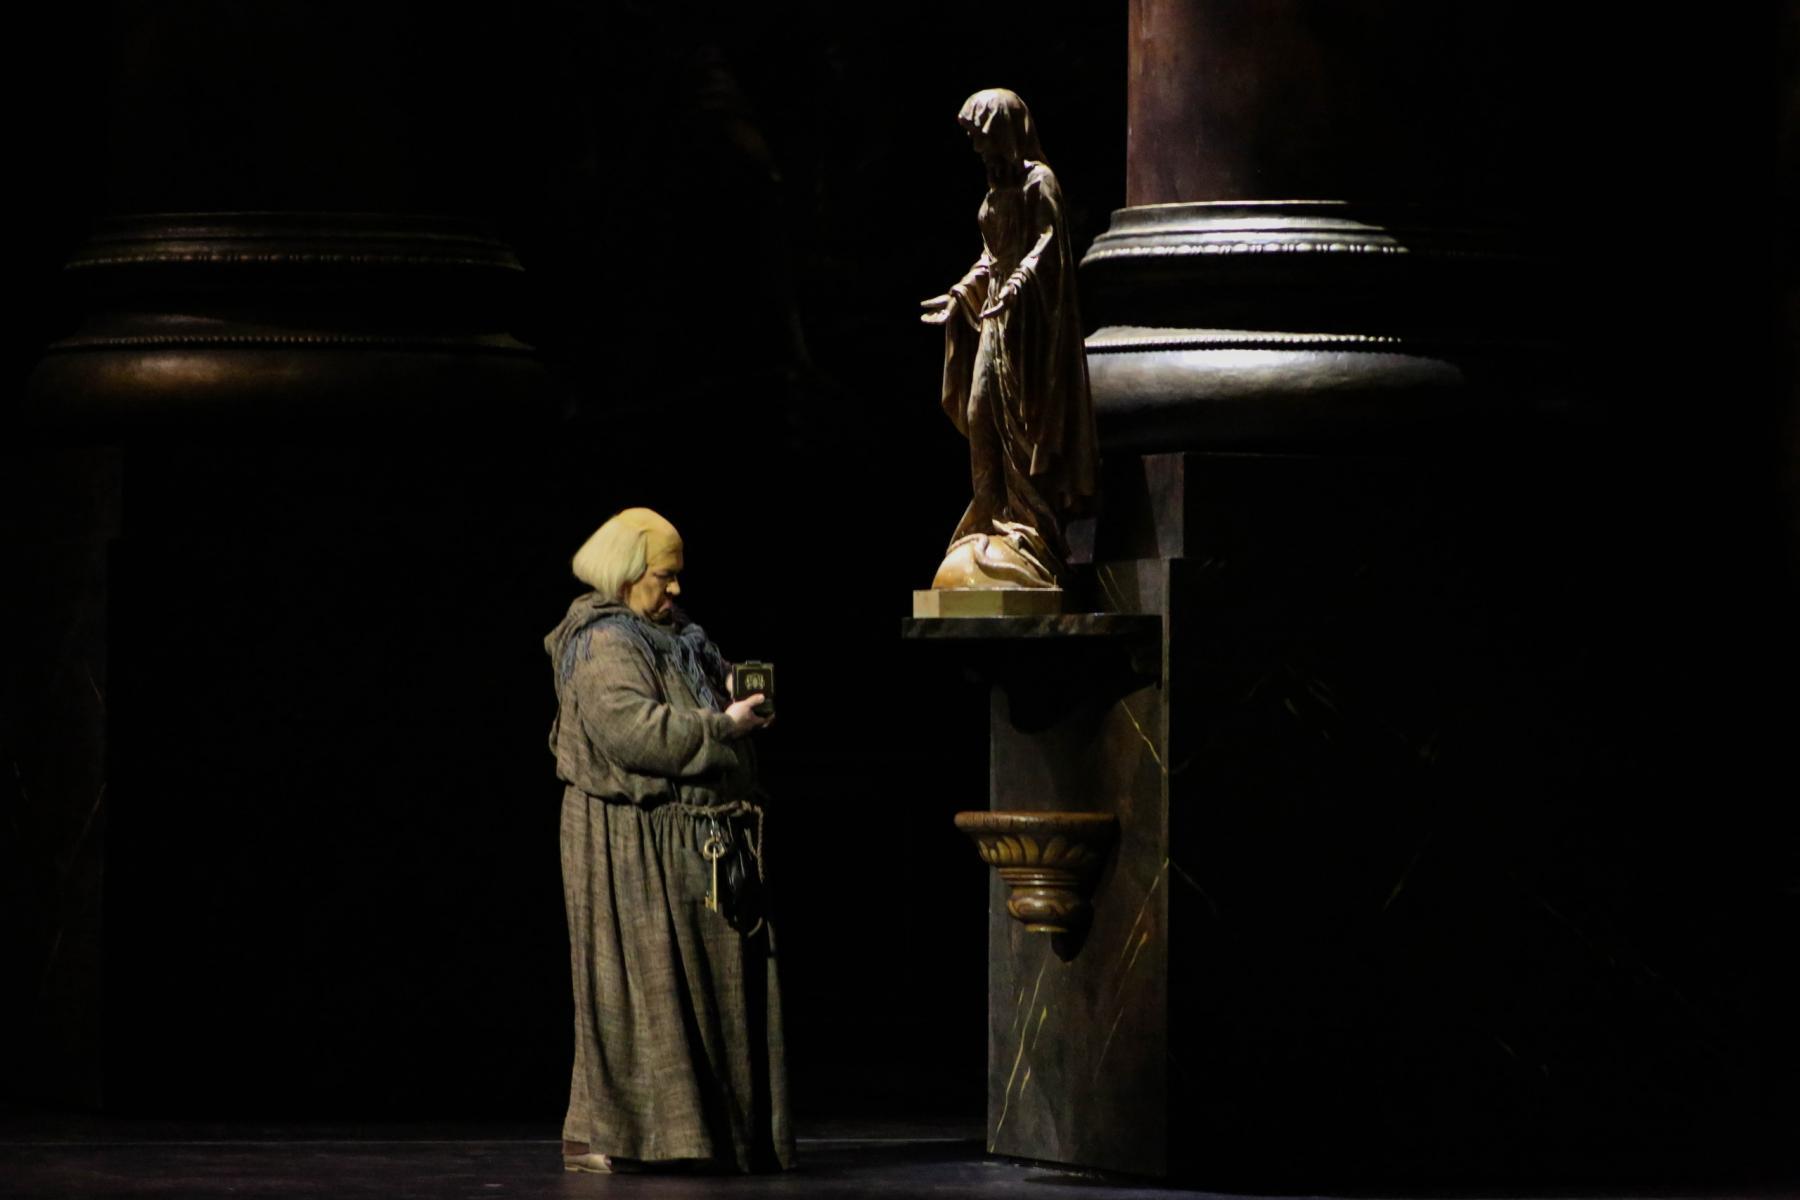 фото В НОВАТе состоялась генеральная репетиция главной премьеры сезона – оперы «Тоска» 4